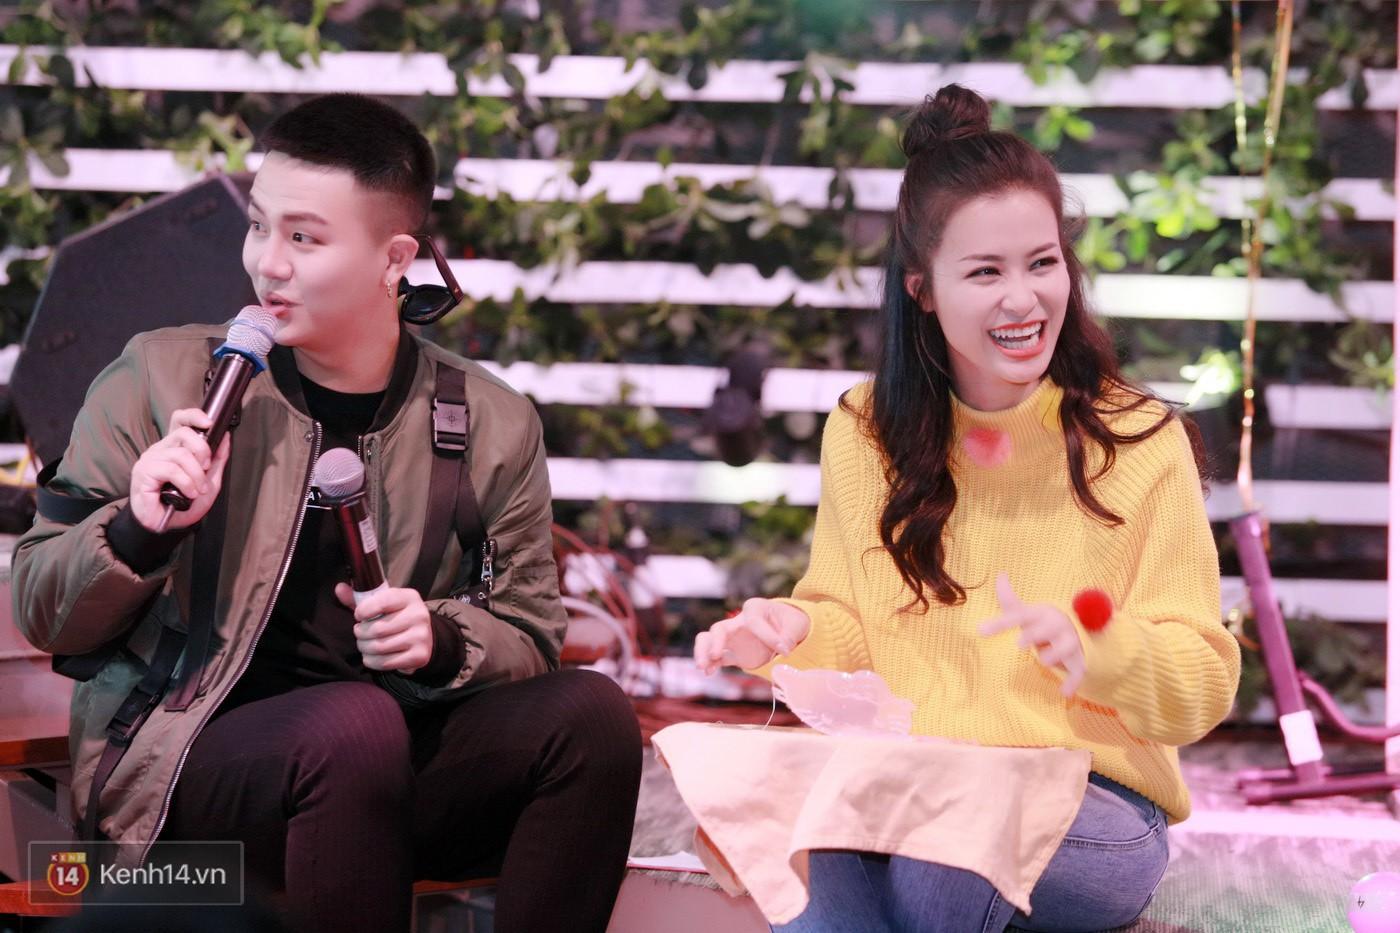 Đông Nhi nghẹn ngào rơi nước mắt trước tình cảm của fan Hà thành trong buổi fan-meeting - Ảnh 2.